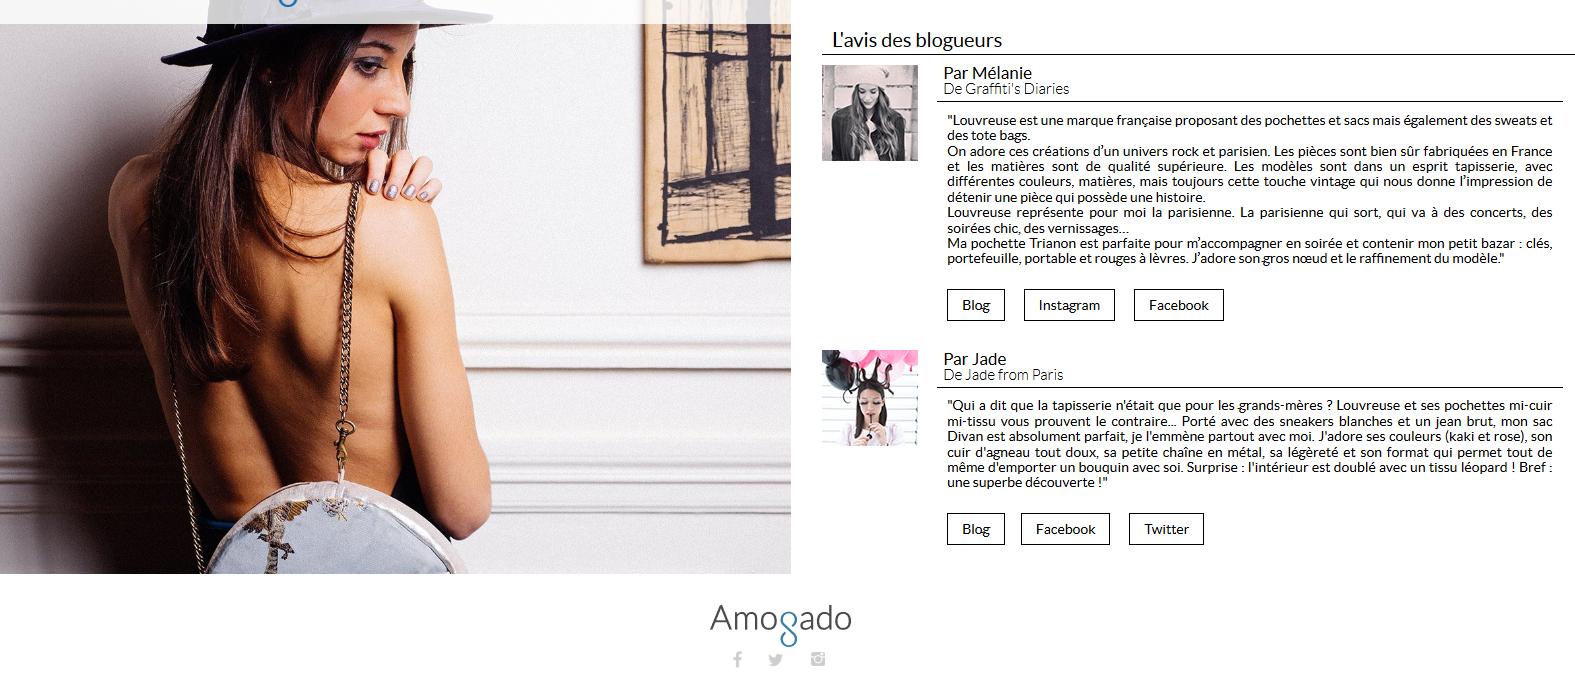 https://www.amogado.com/concours/517-louvreuse-4-sacs-louvreuse.html